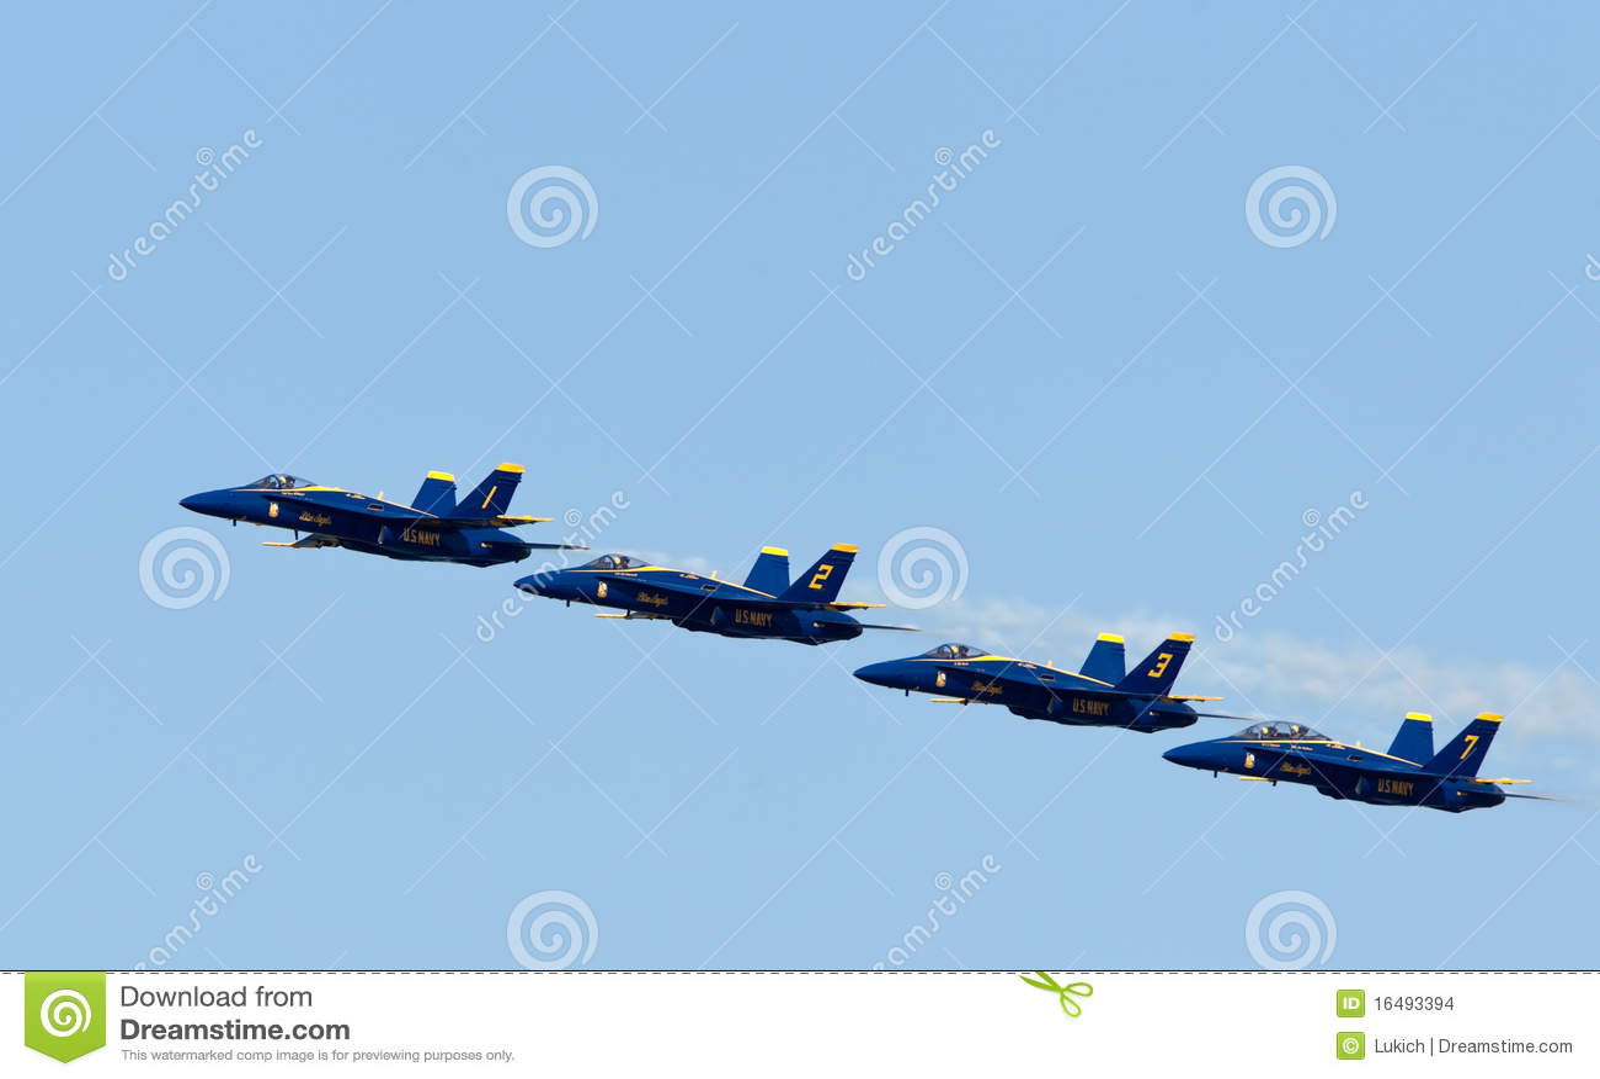 För demonstrationsmarin för änglar blå skvadron oss